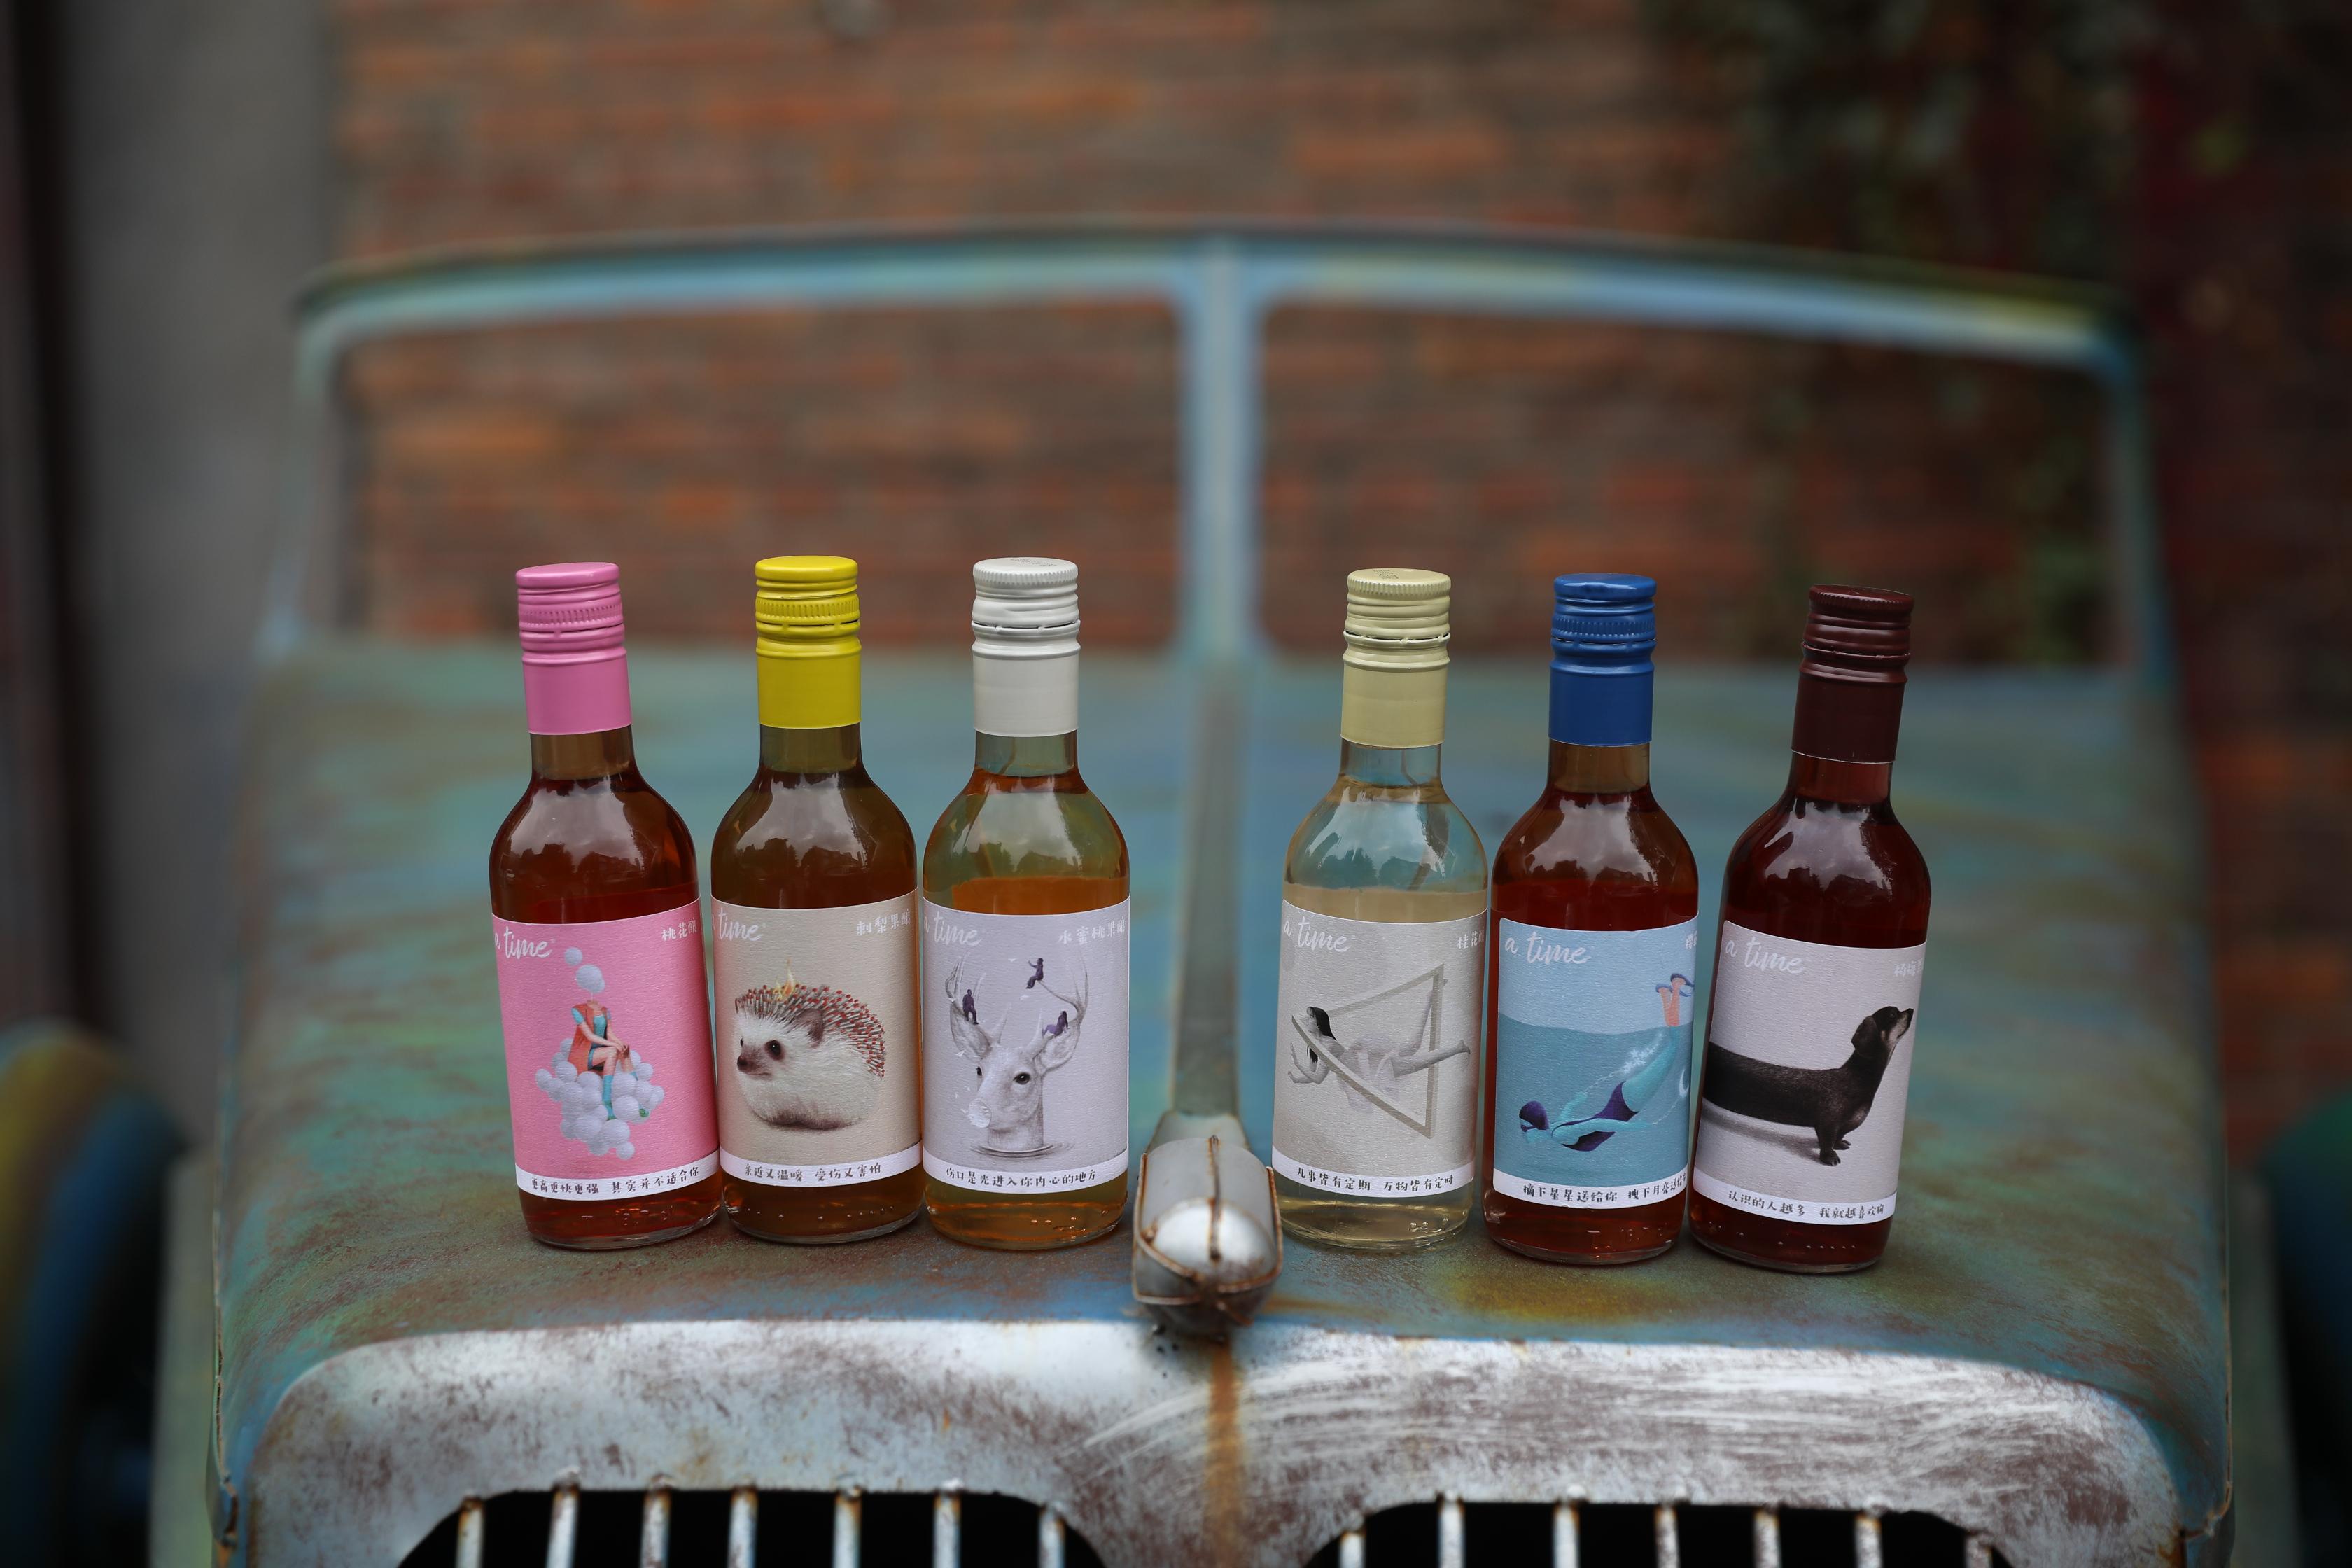 8种适合女生喝的酒,好喝不贵颜值还高